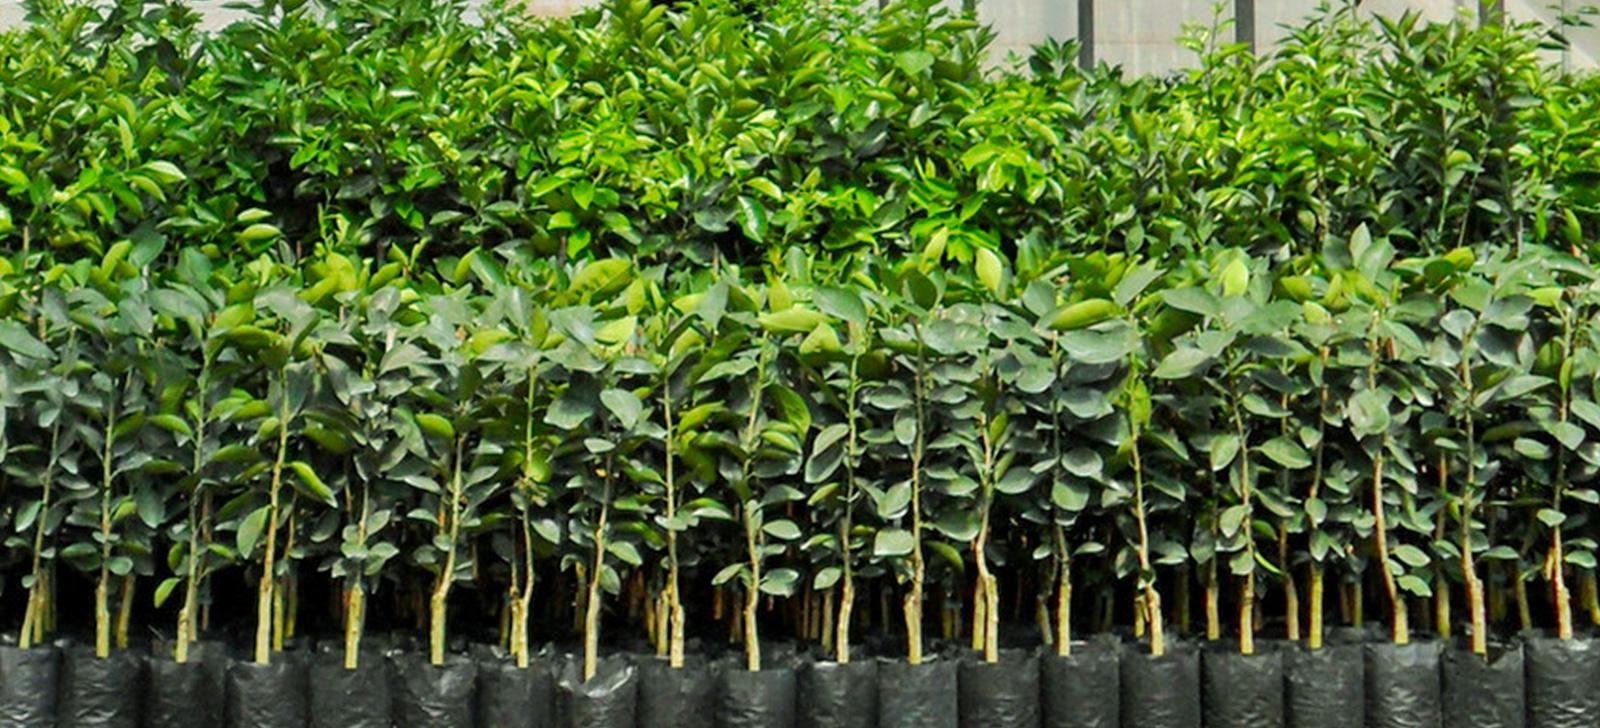 Encontro técnico discute controle biológico em viveiro de produção de mudas de citros